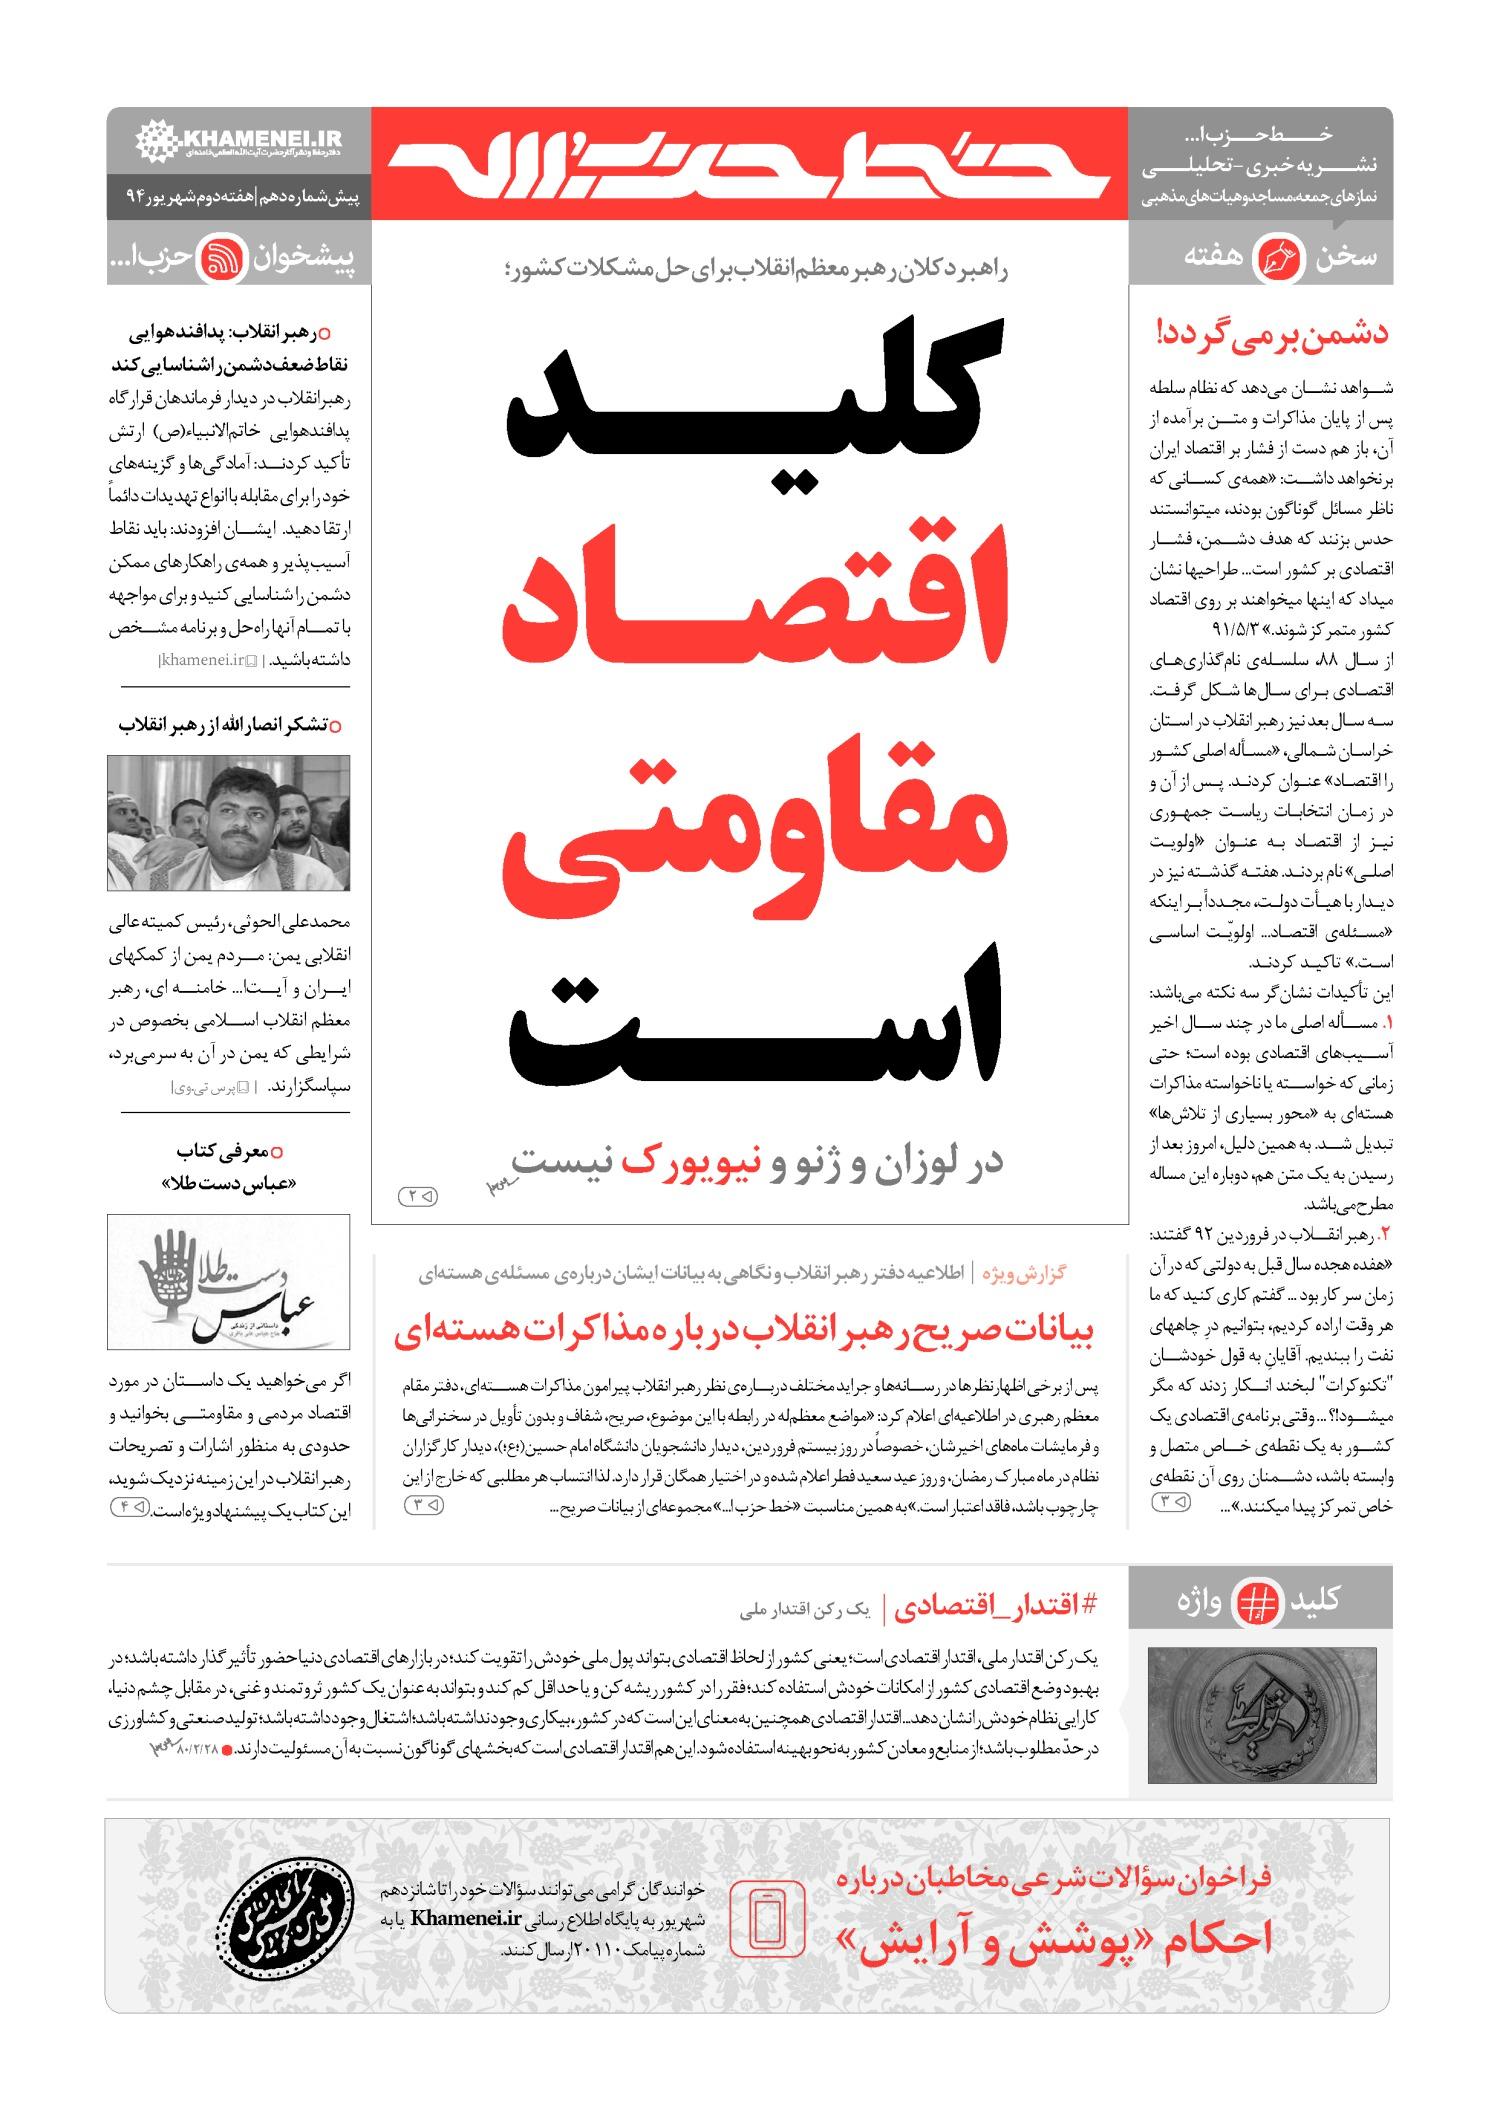 خط حزب الله -شماره پنجم خط حزب الله -پیش شماره دهم page large 113